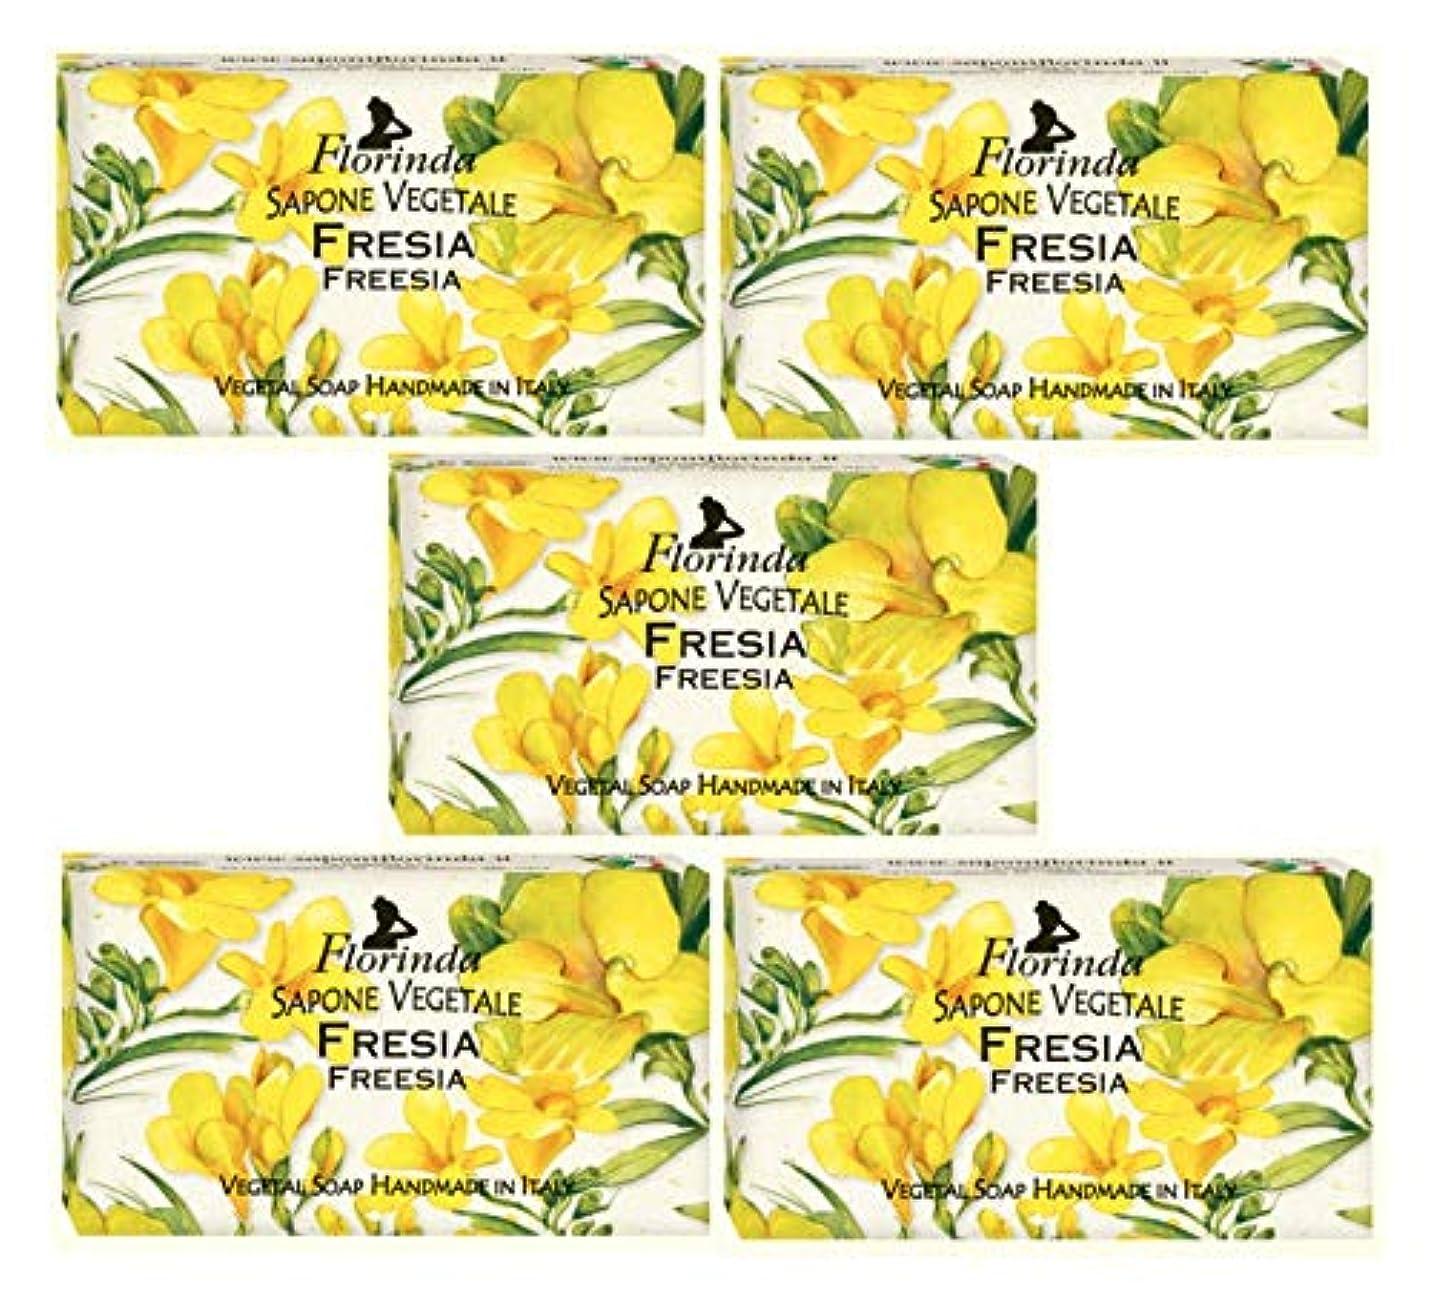 ジャベスウィルソンポテトできないフロリンダ フレグランスソープ 固形石けん 花の香り フリージア 95g×5個セット